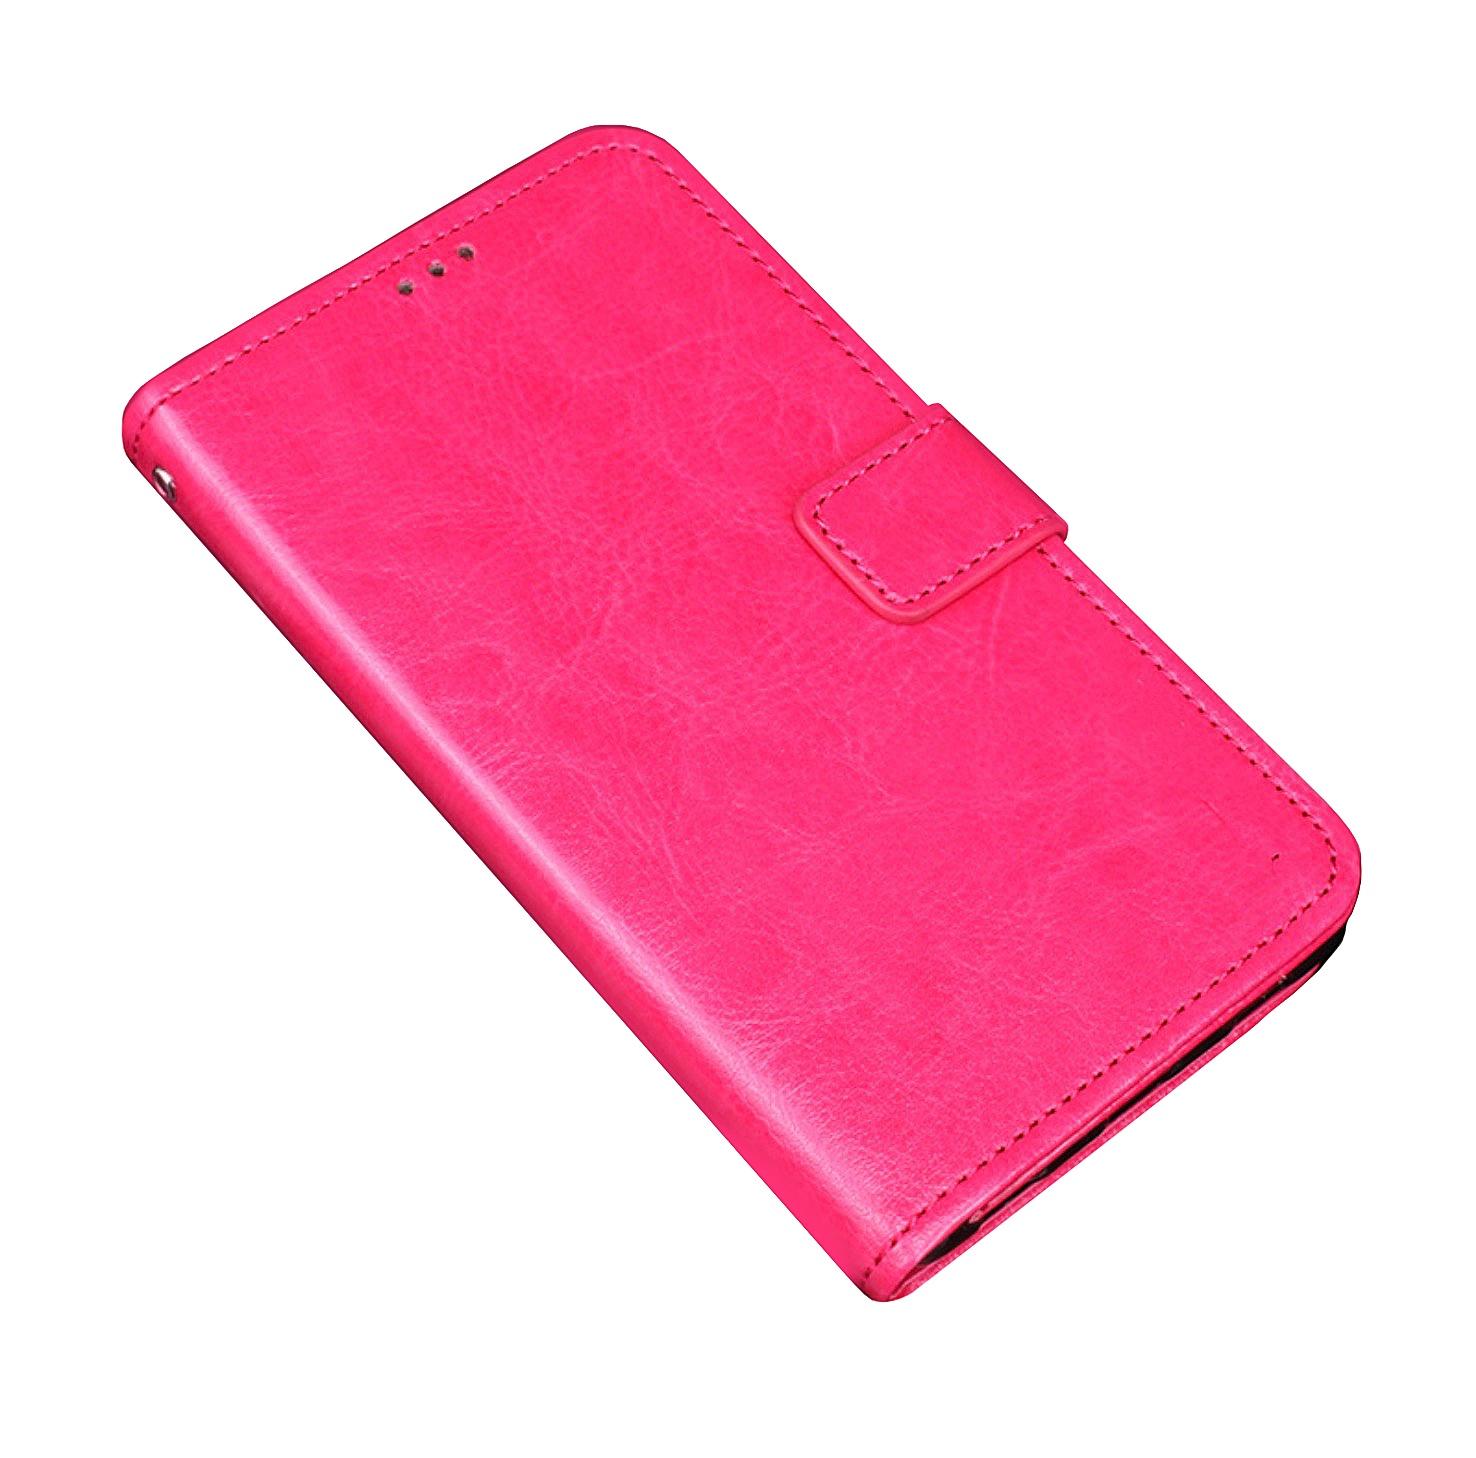 Чехол-книжка MyPads для  Doogee X7 Pro  с мульти-подставкой застёжкой и визитницей розовый